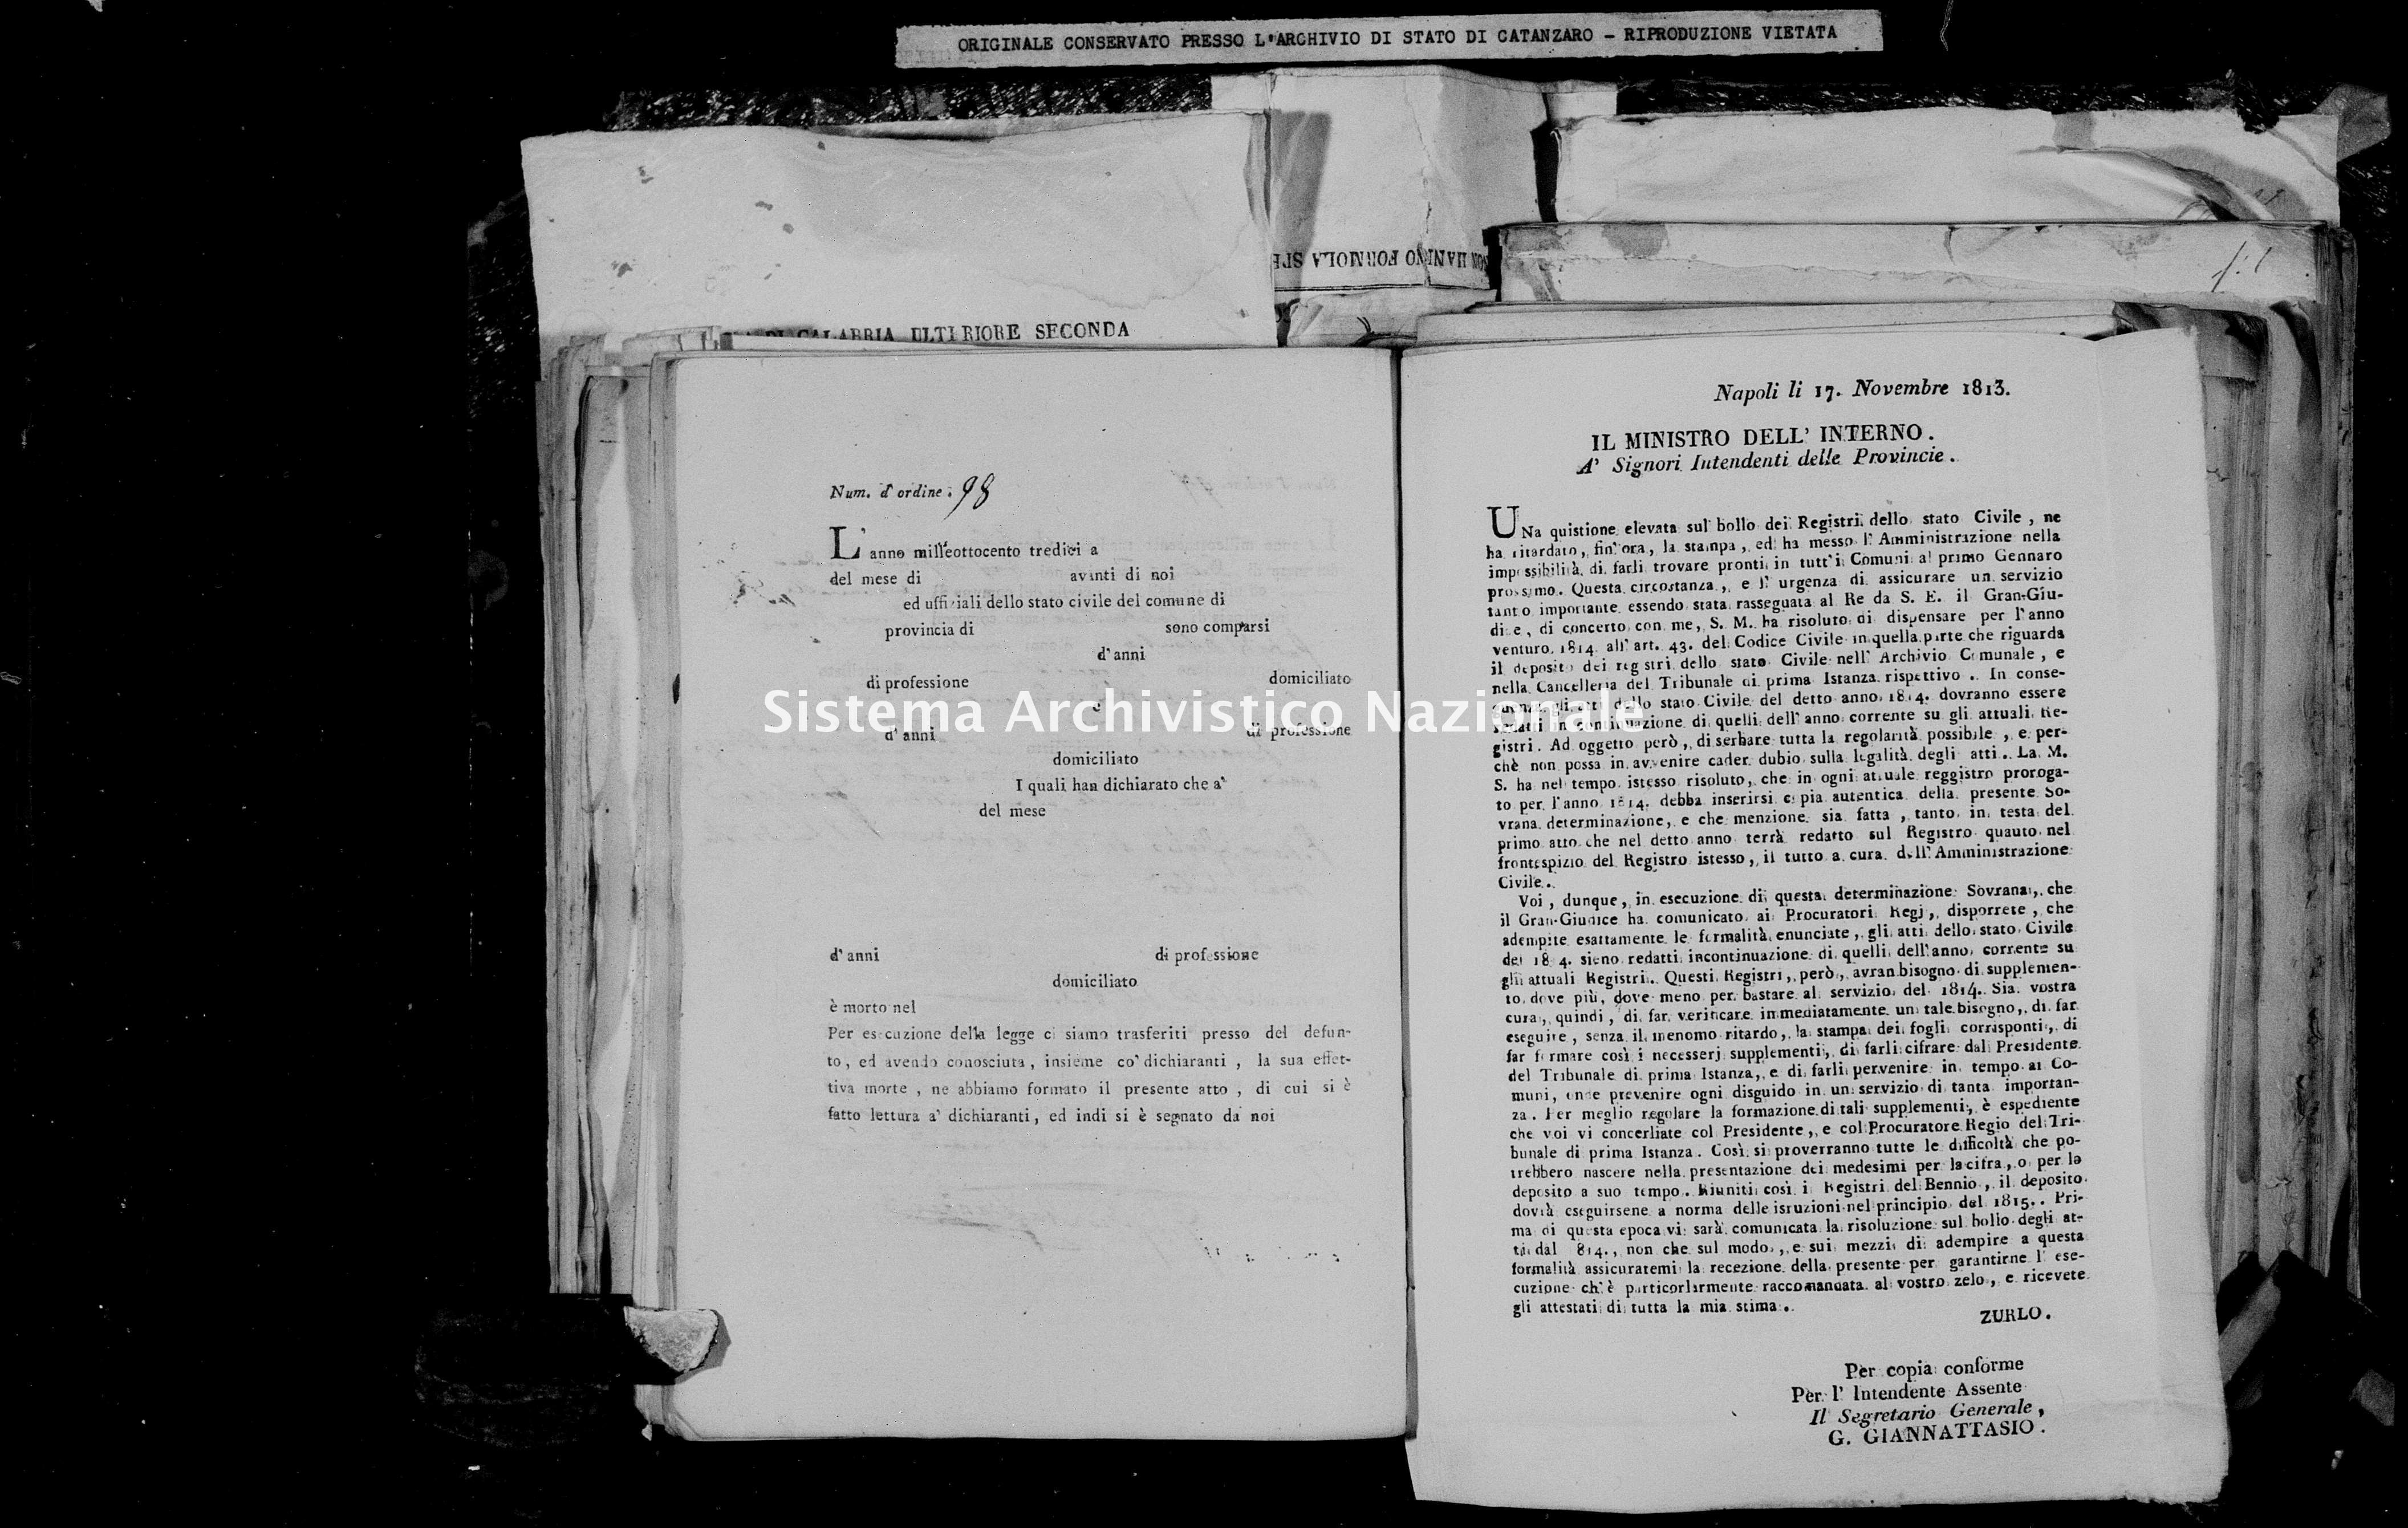 Archivio di stato di Catanzaro - Stato civile napoleonico - Chiaravalle - Morti - 1814 -